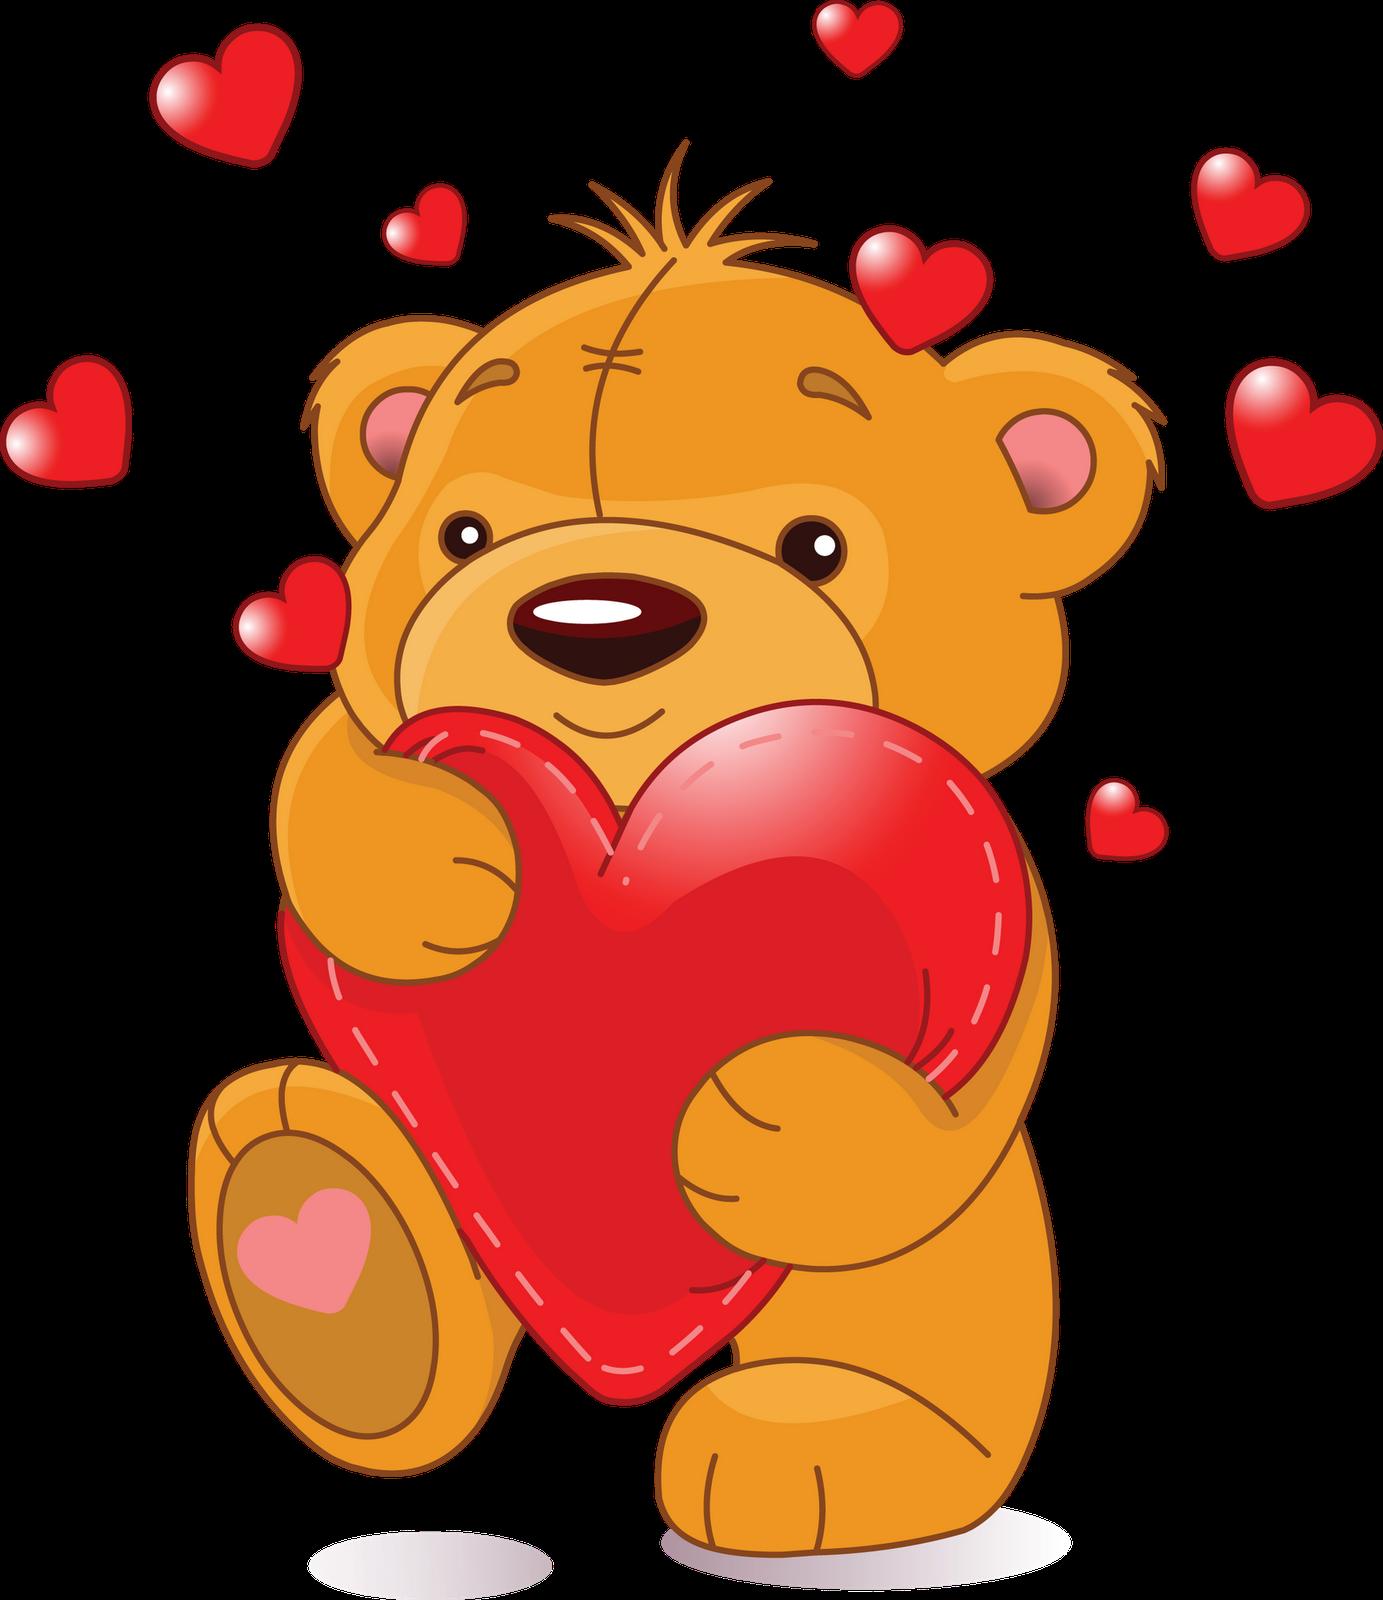 clip free Create a positive day. Bear hug clipart